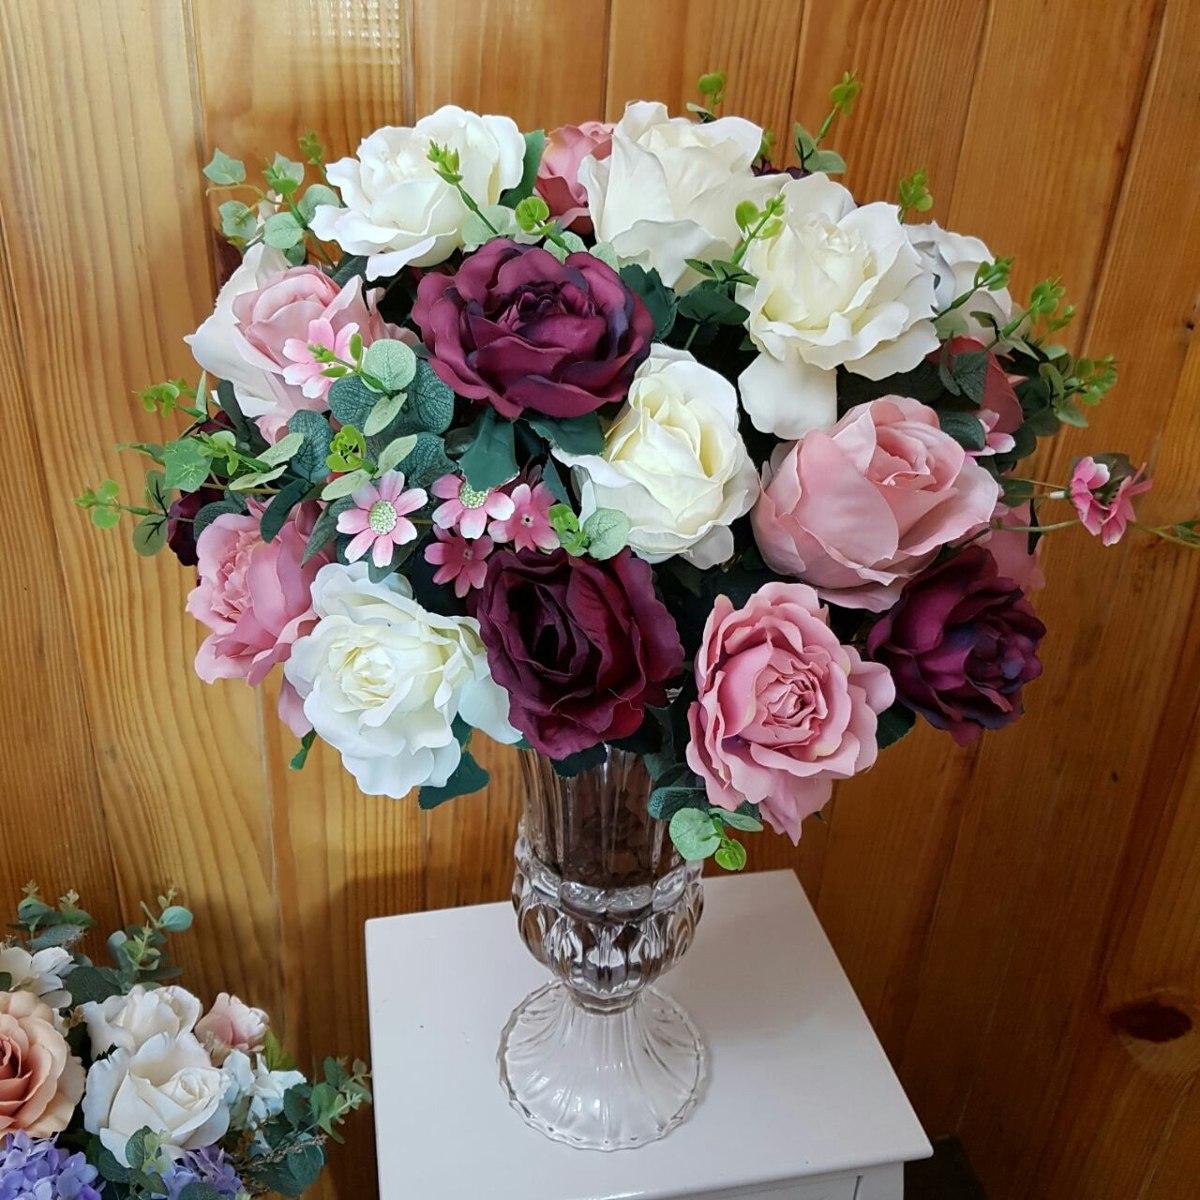 Arranjo De Flores Artificiais Vaso De Vidro Rosas R$ 359,00 em Mercado Livre # Decoração Arranjos De Flores Artificiais